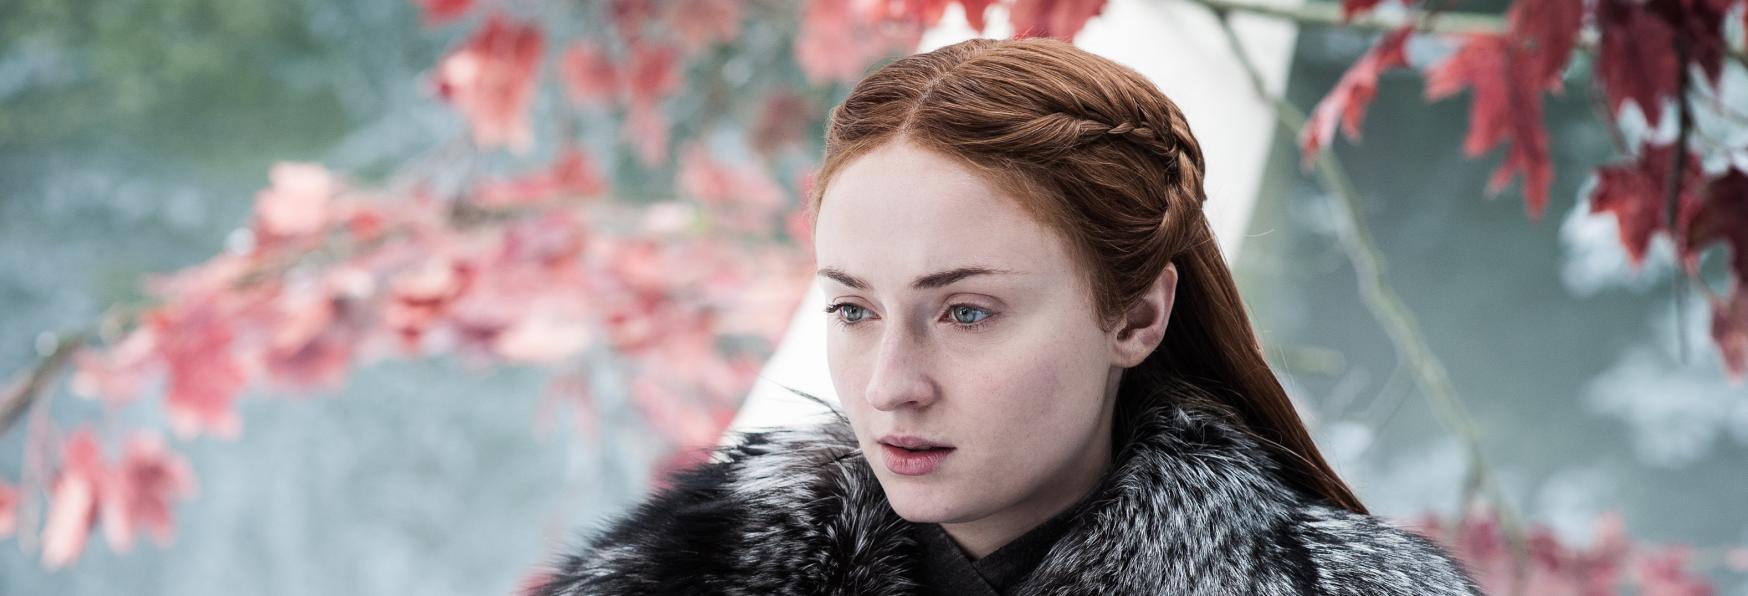 Game of Thrones: HBO sta Discutendo molti Spin-off Interessanti